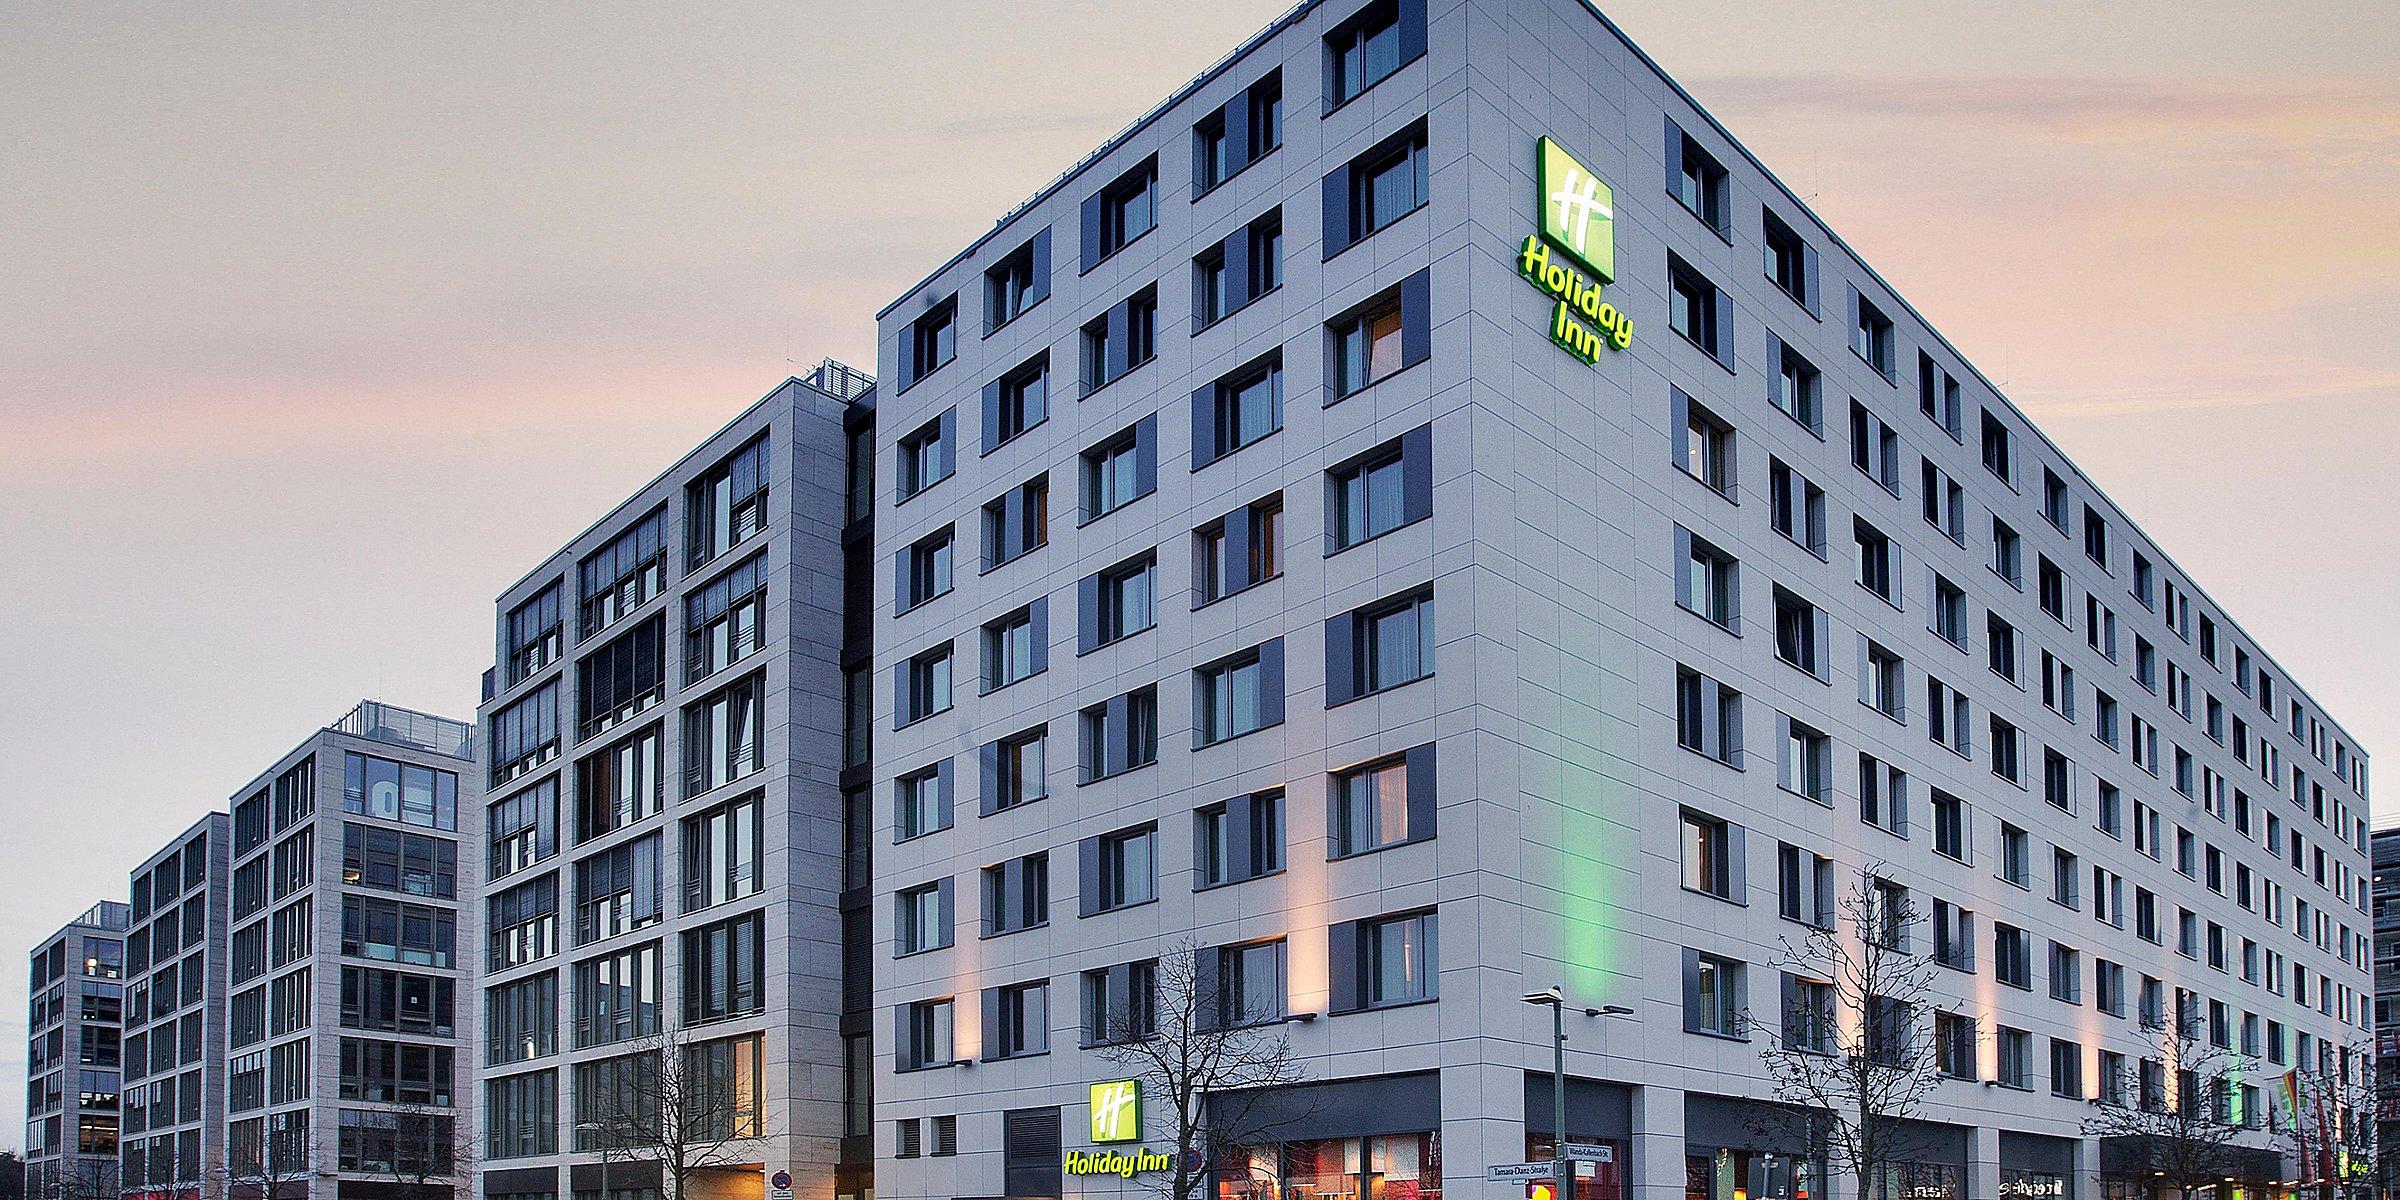 Berlin Hotels near East Side Gallery | Holiday Inn Berlin